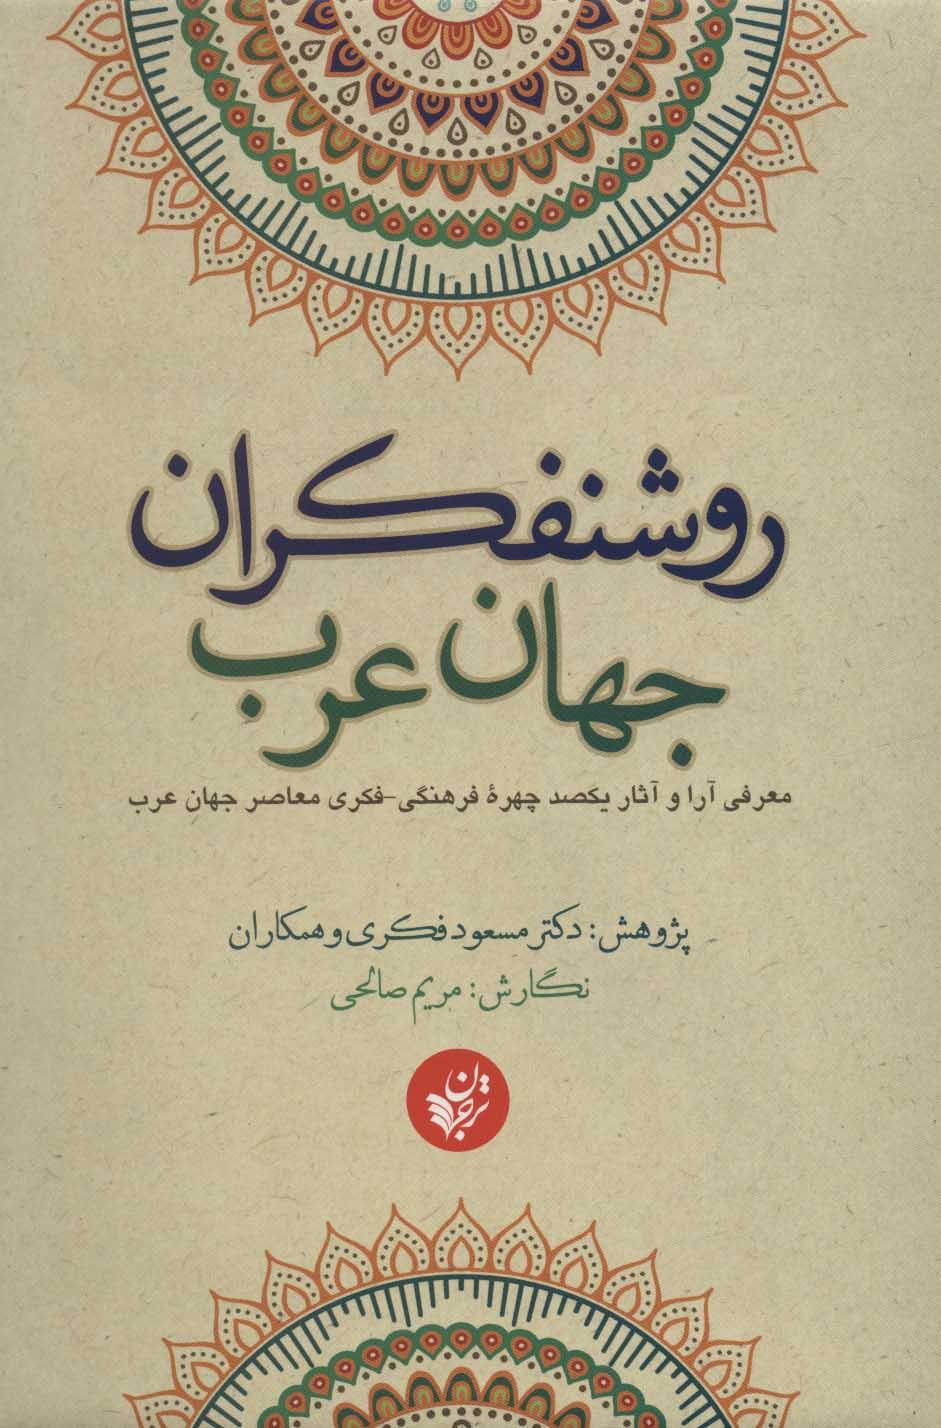 روشنفکران جهان عرب (معرفی آرا و آثار یکصد چهره فرهنگی-فکری معاصر جهان عرب)